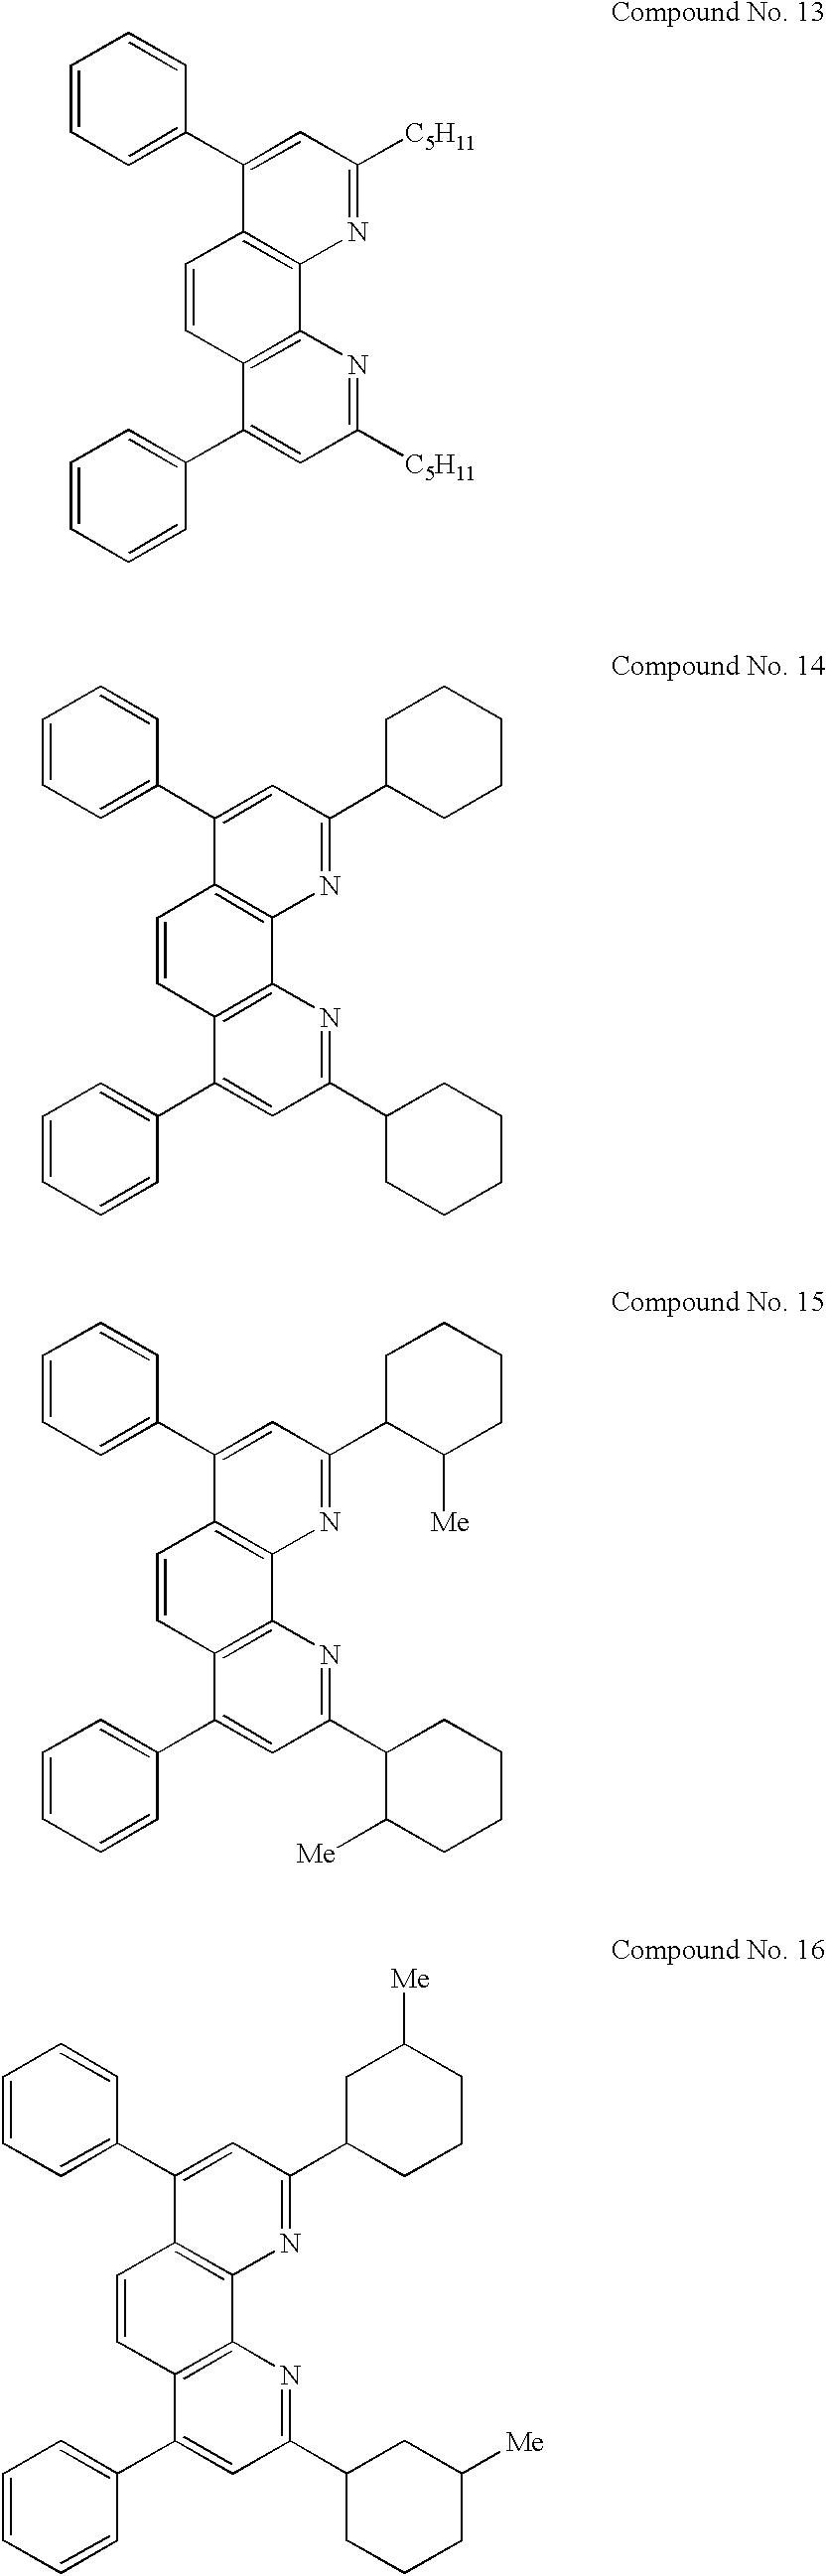 Figure US06524728-20030225-C00006